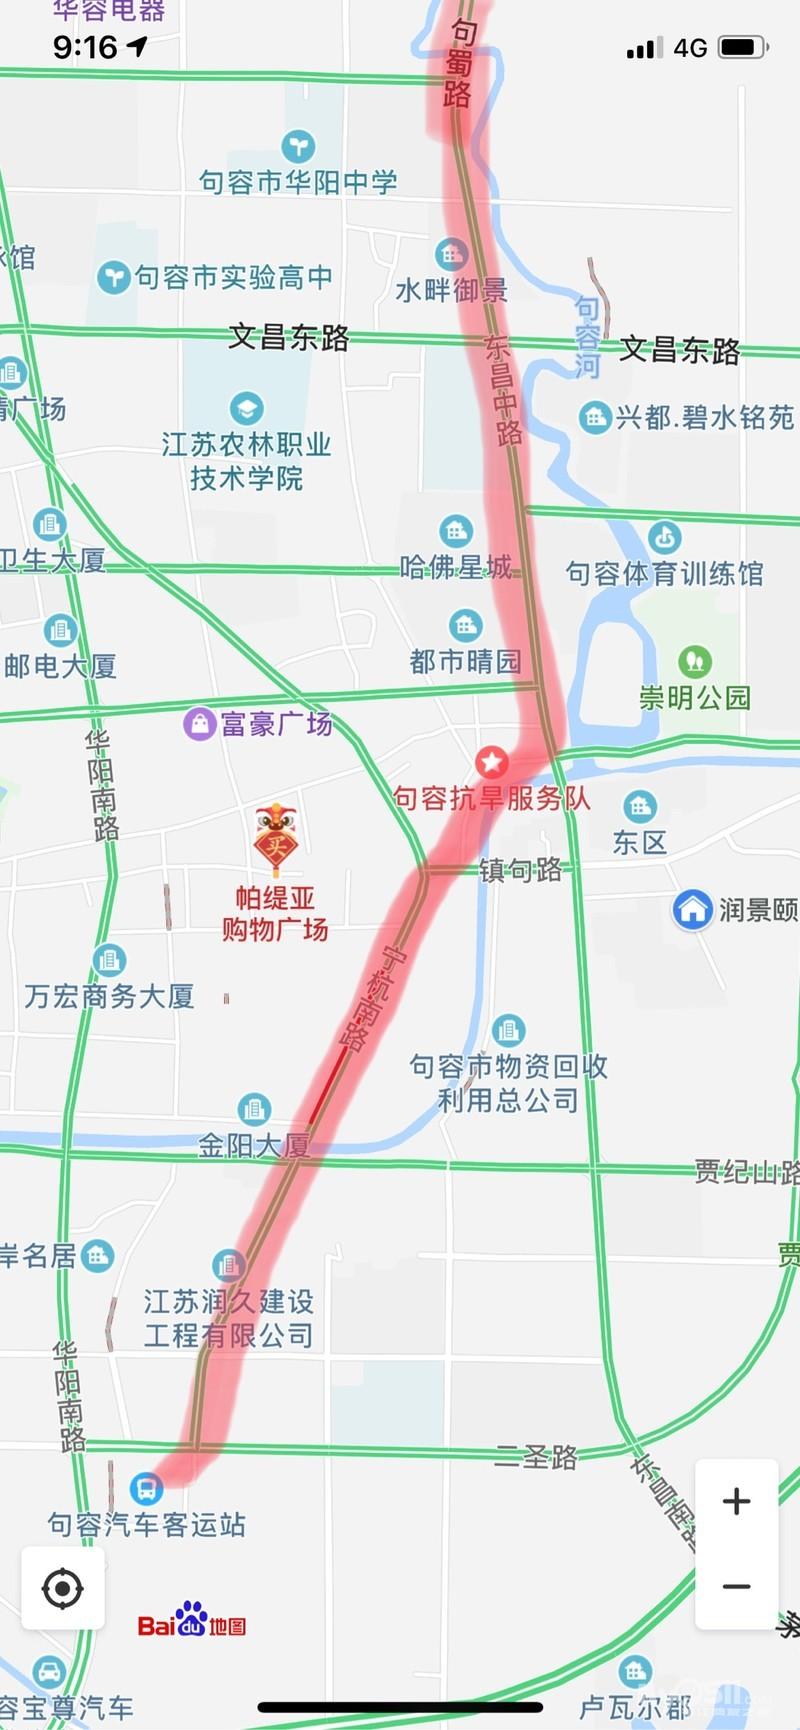 镇江句容市地图